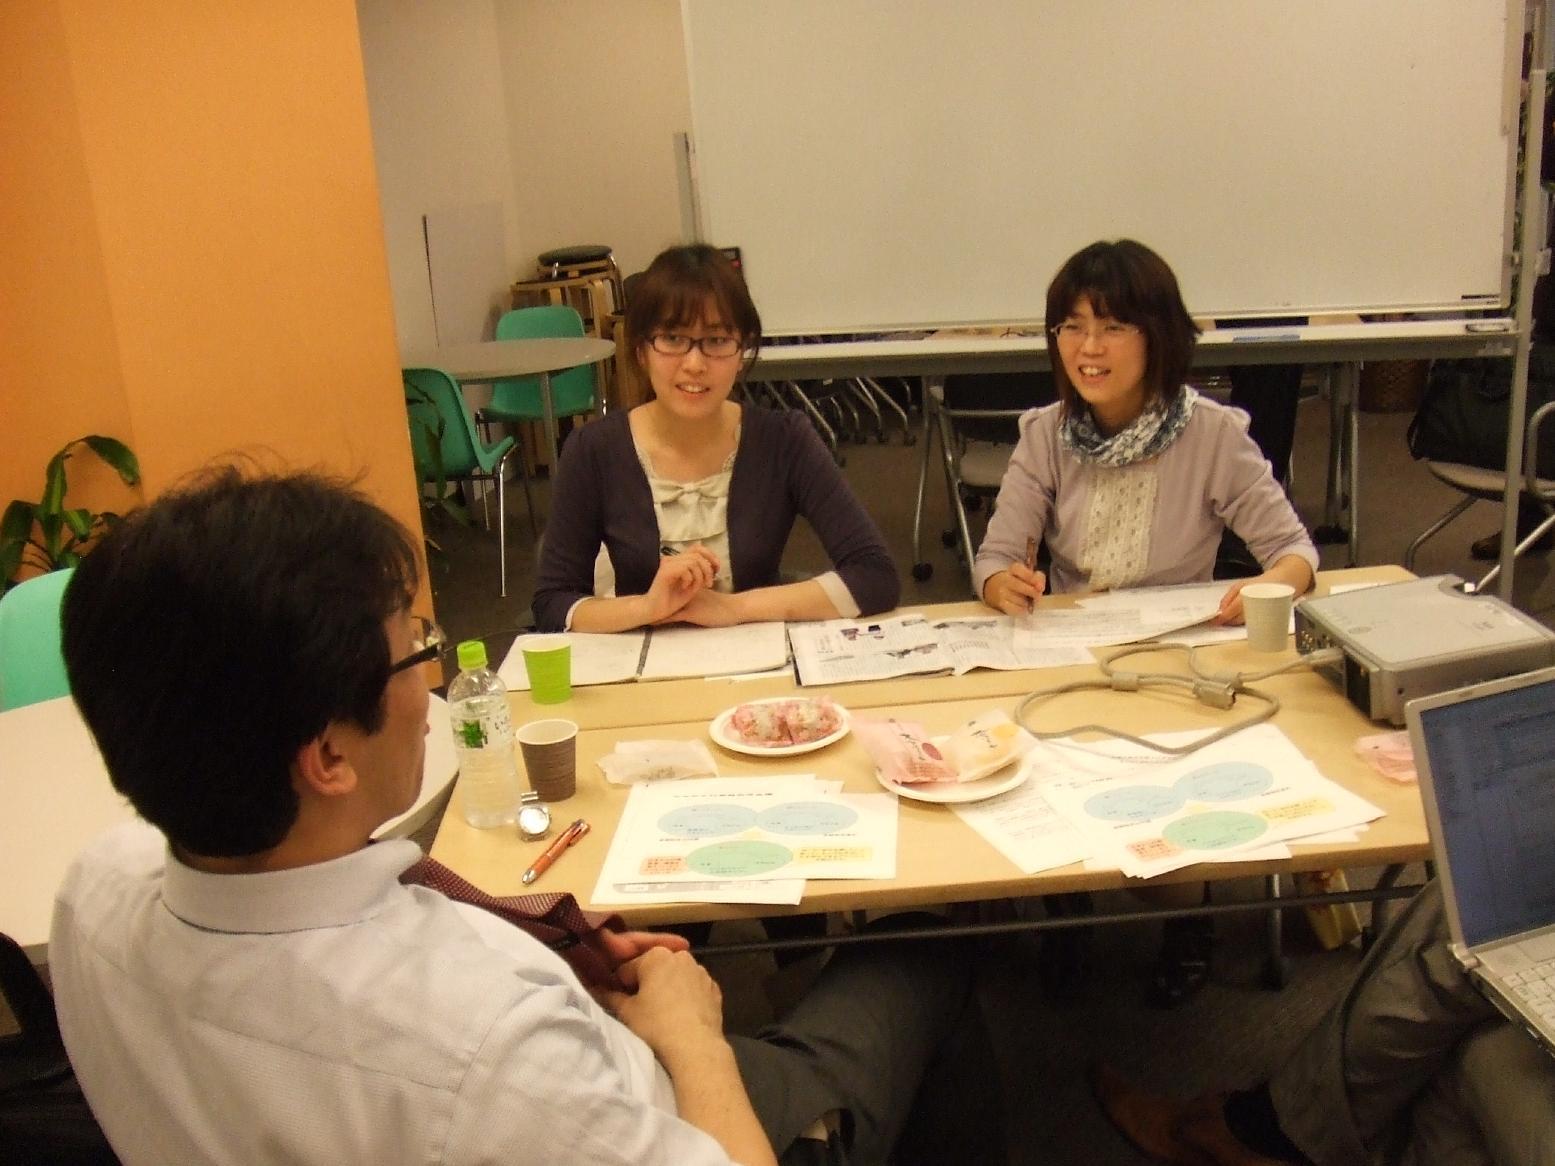 最終報告会直前!就労支援センターが戦略会議を行いました。